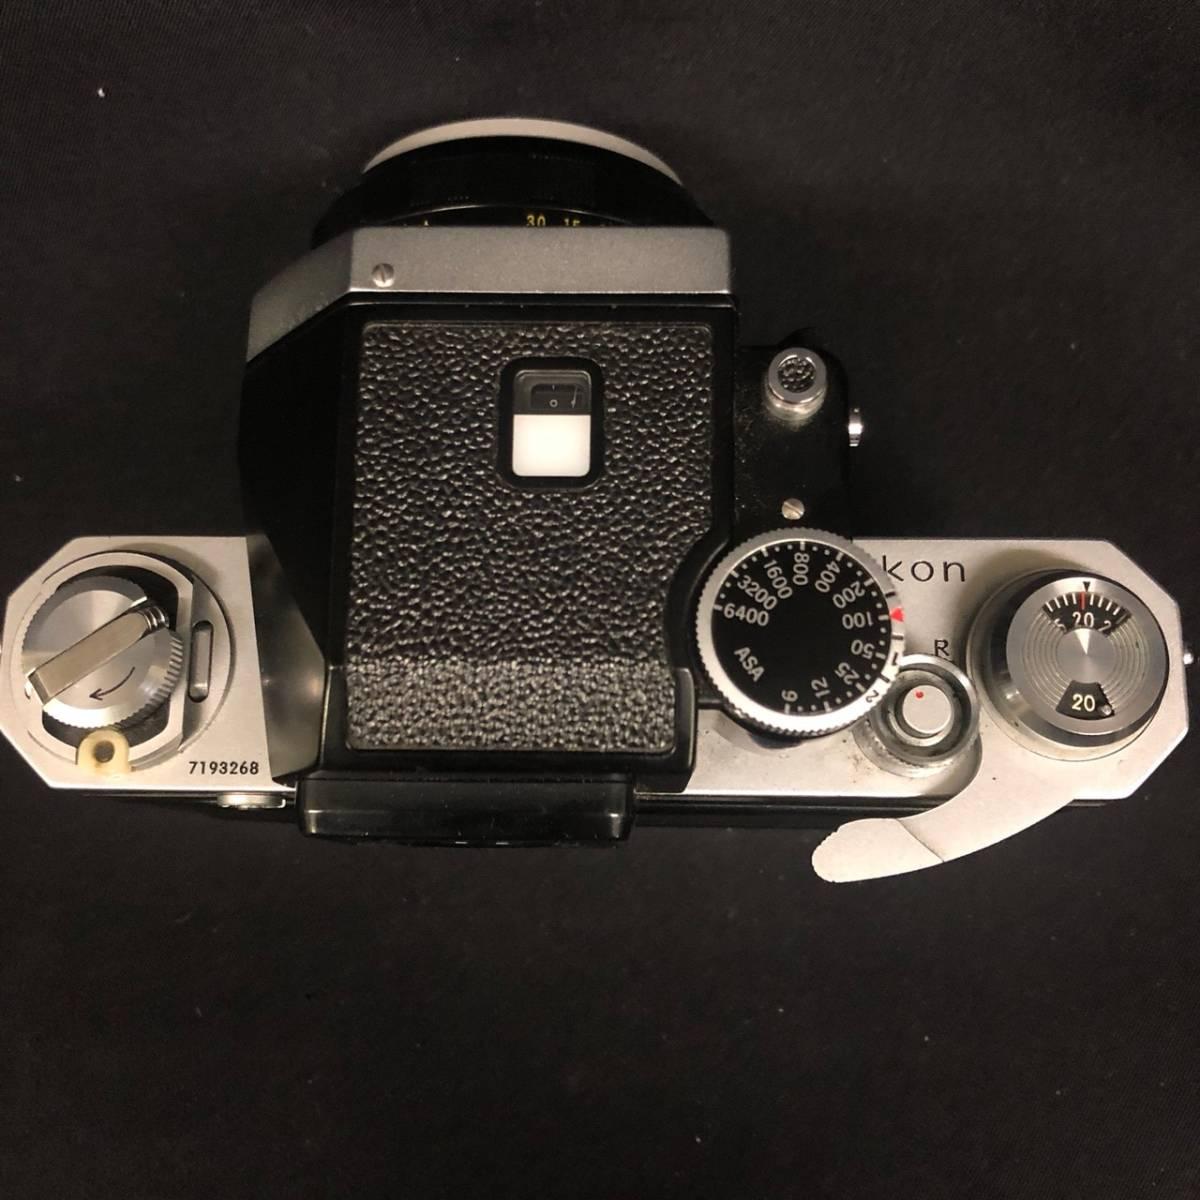 C20A01A Nikon F ニコン 一眼レフ カメラ レンズ 1:1.4 50mm ファインダー フォトミックファインダー _画像7